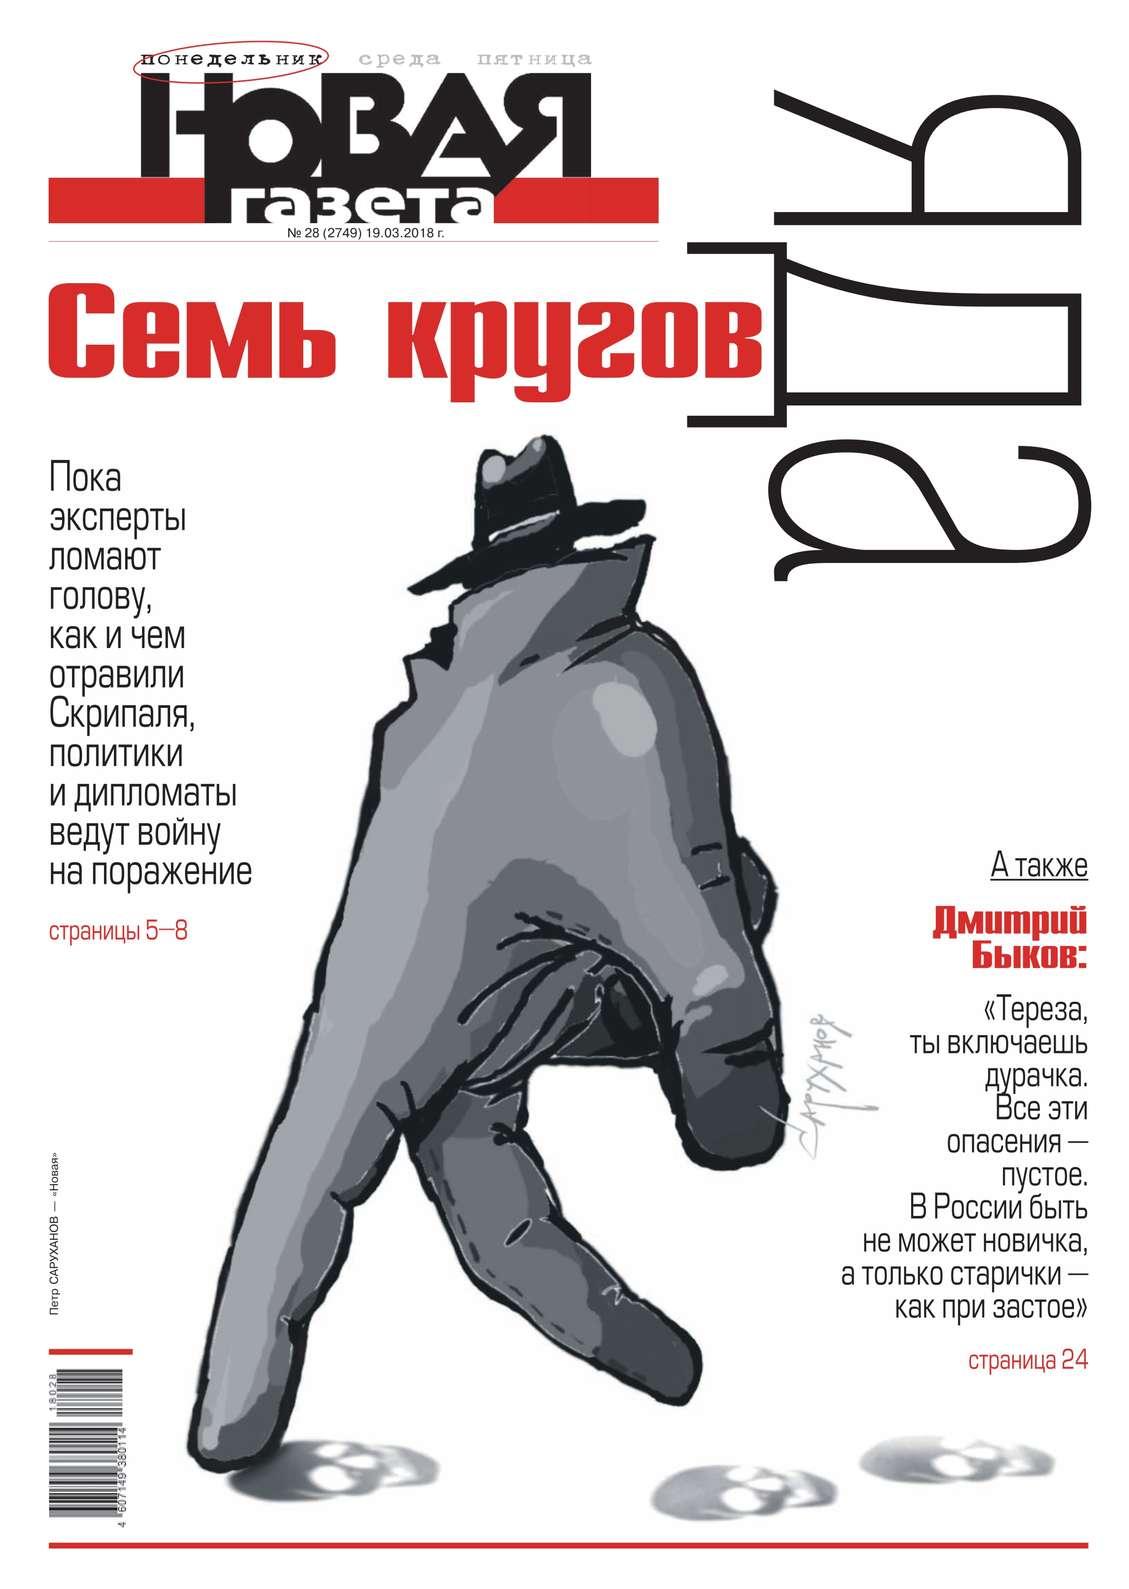 Новая Газета 28-2018